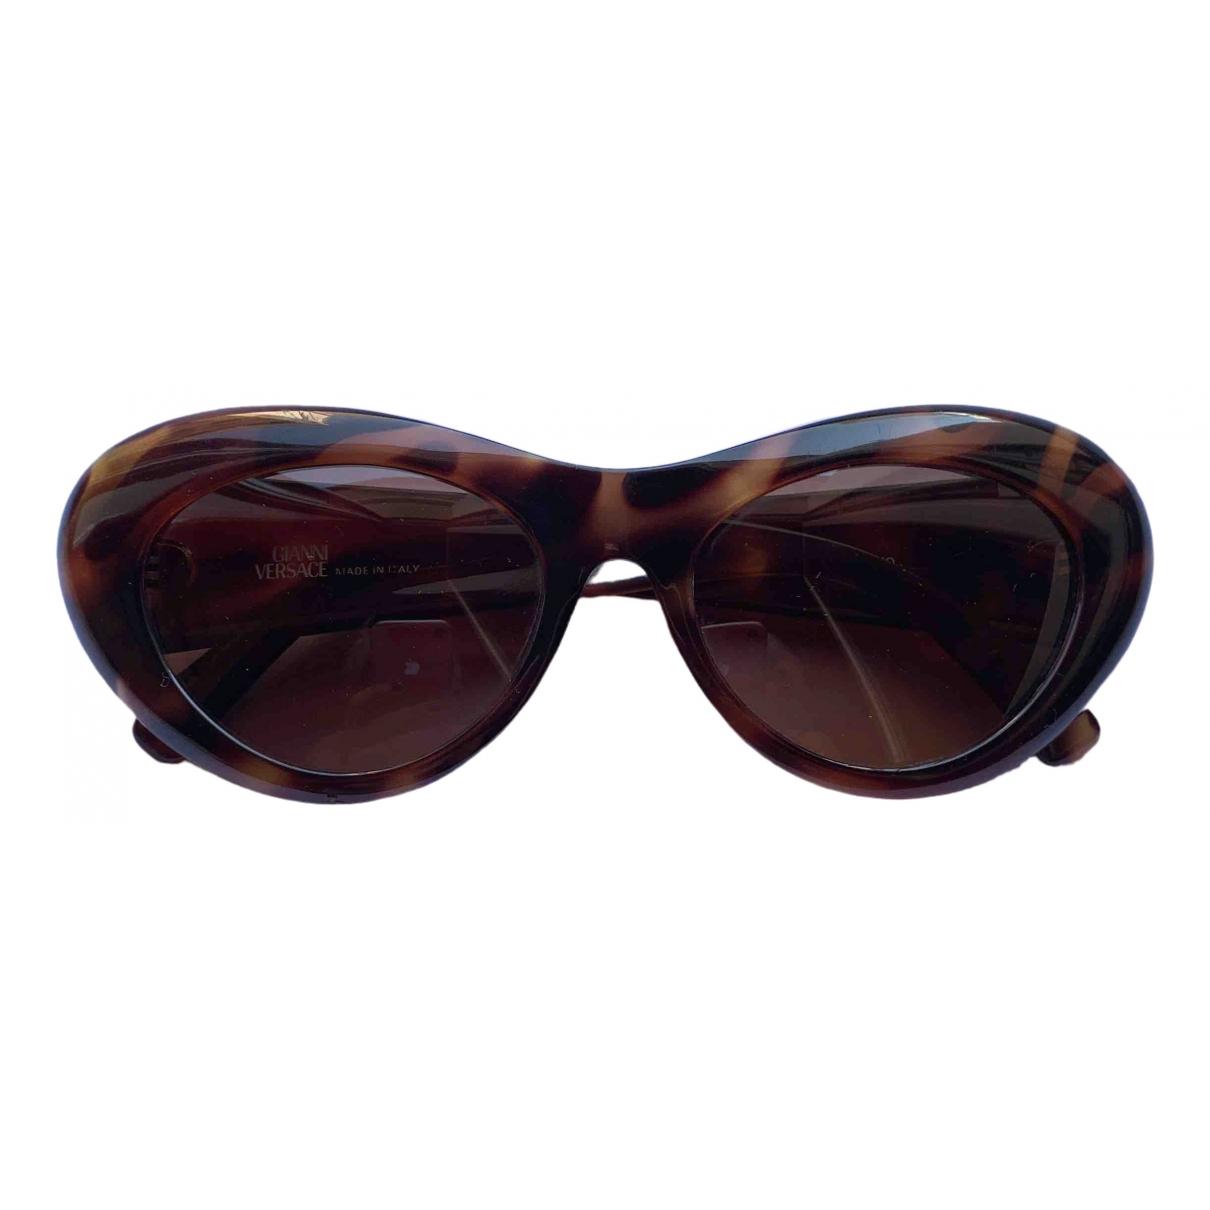 Versace - Lunettes   pour femme - marron